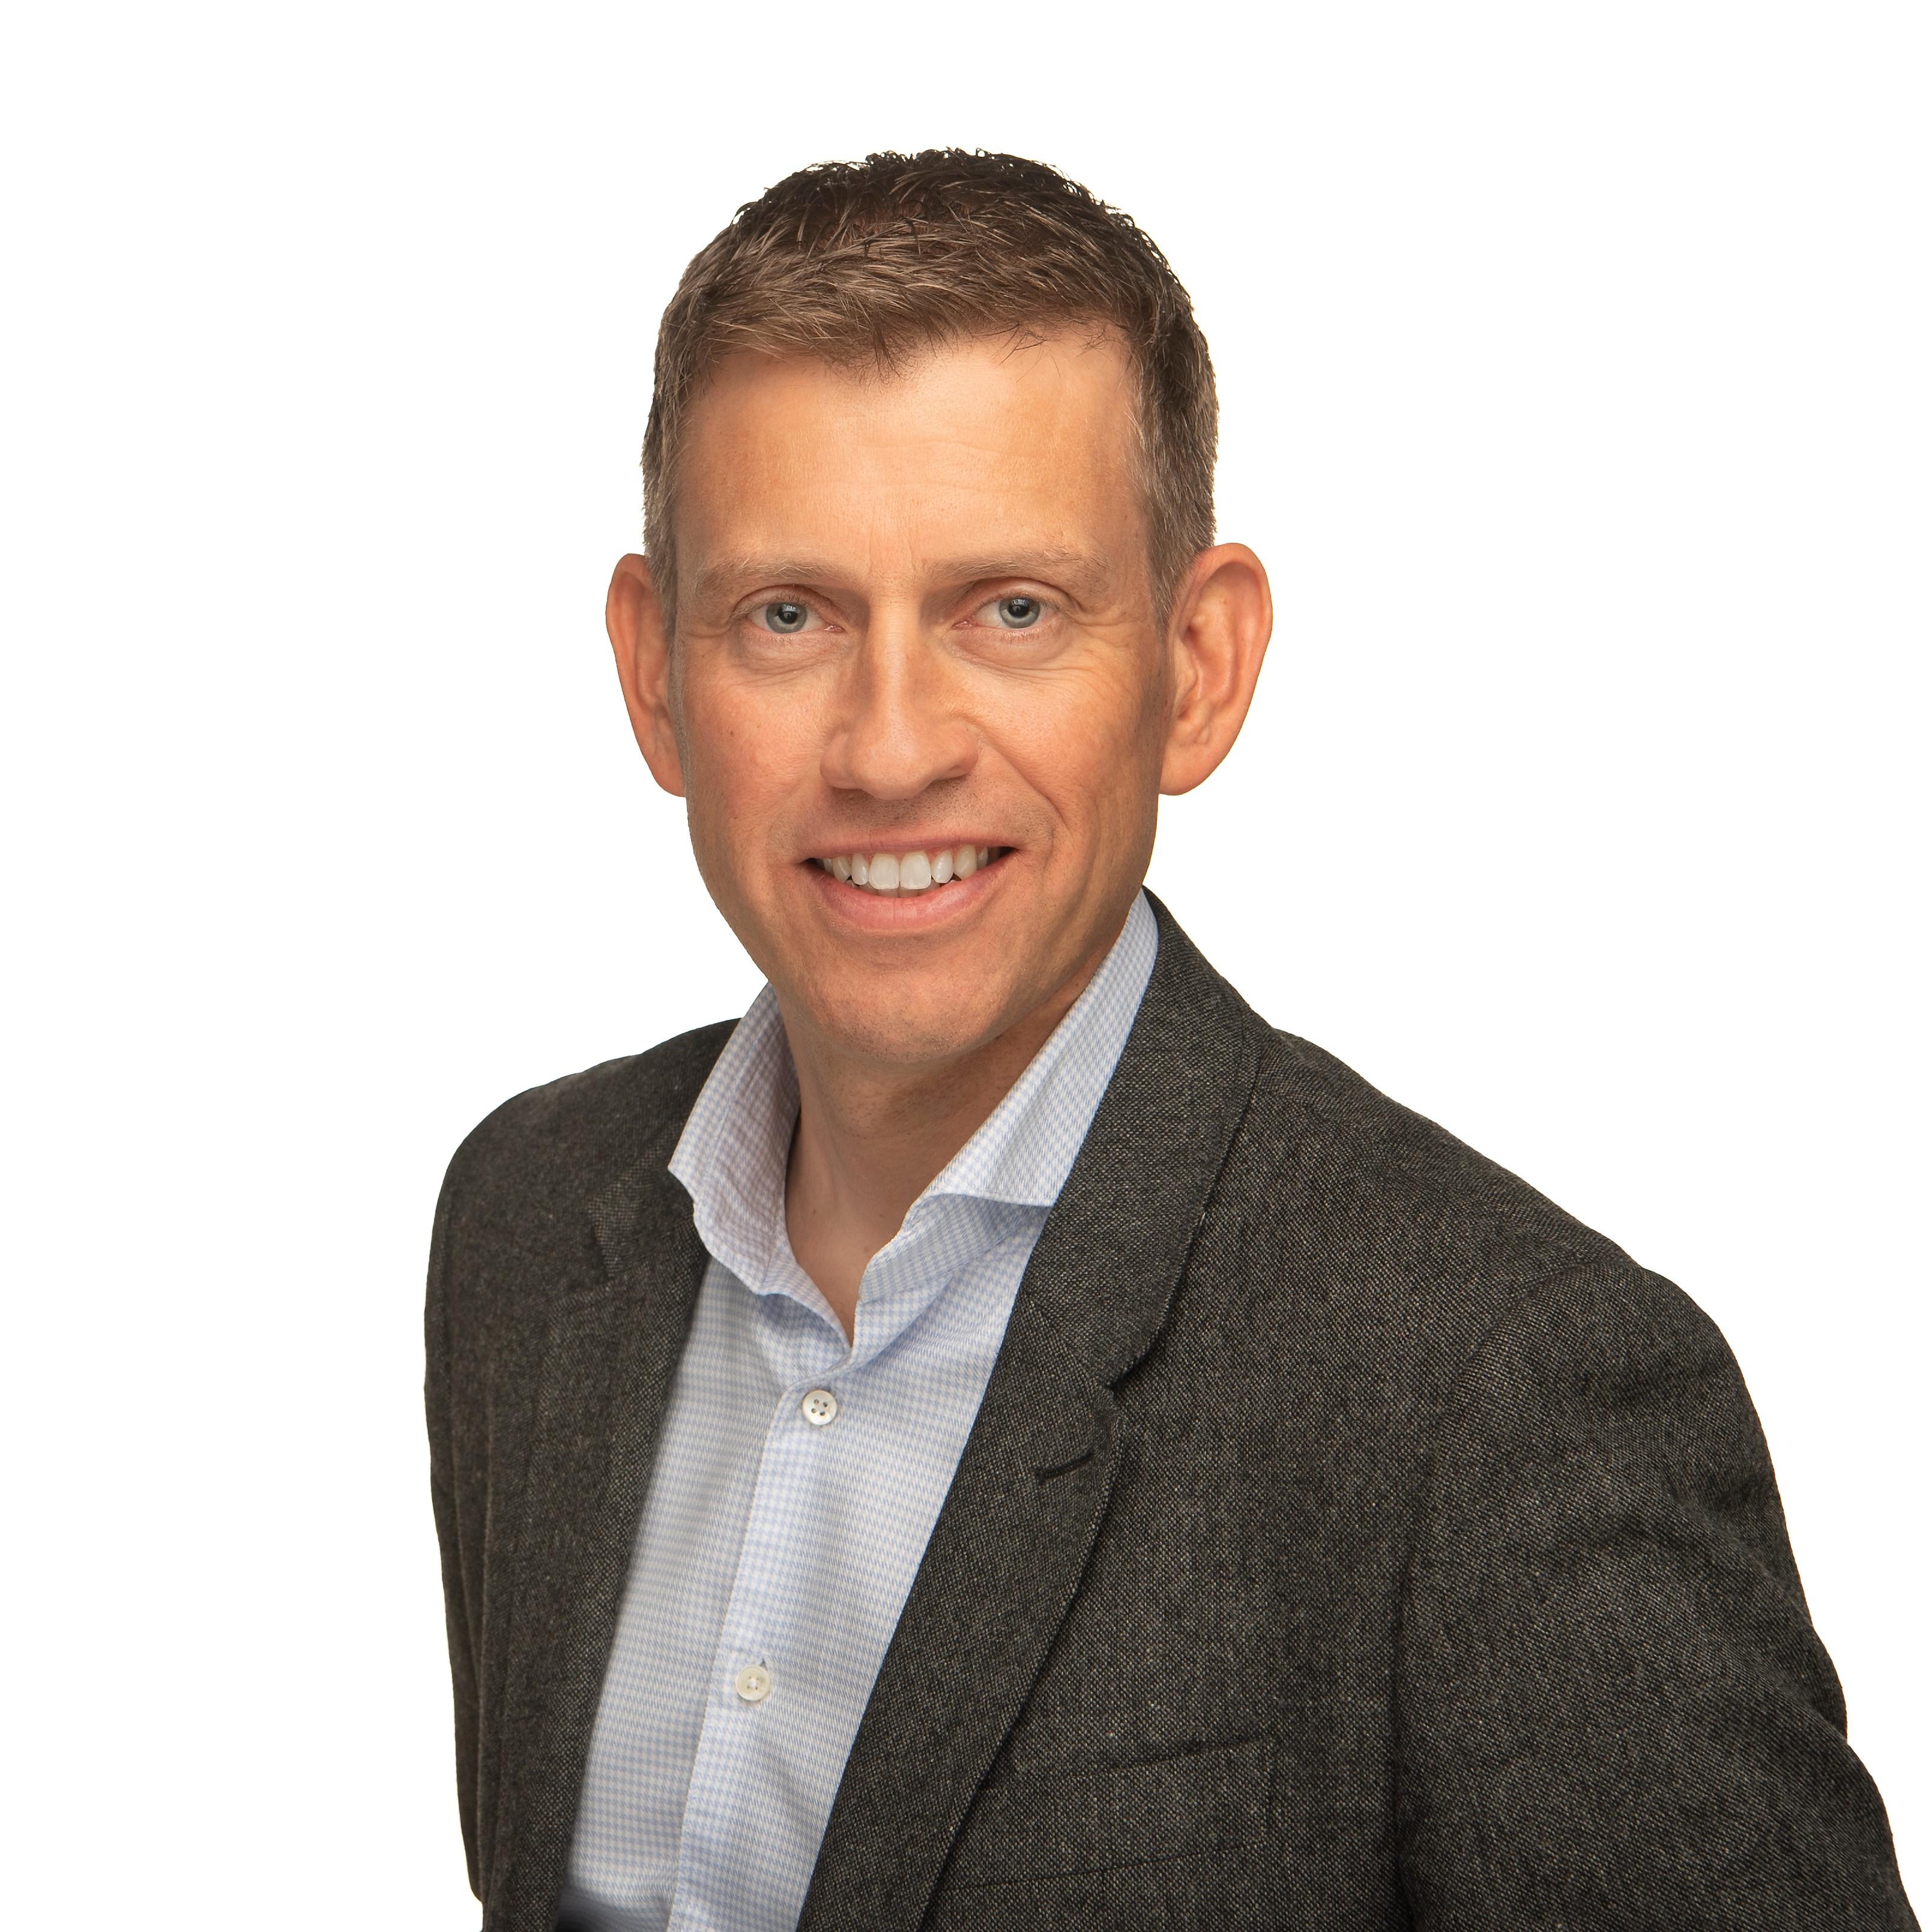 Casper Jespersen